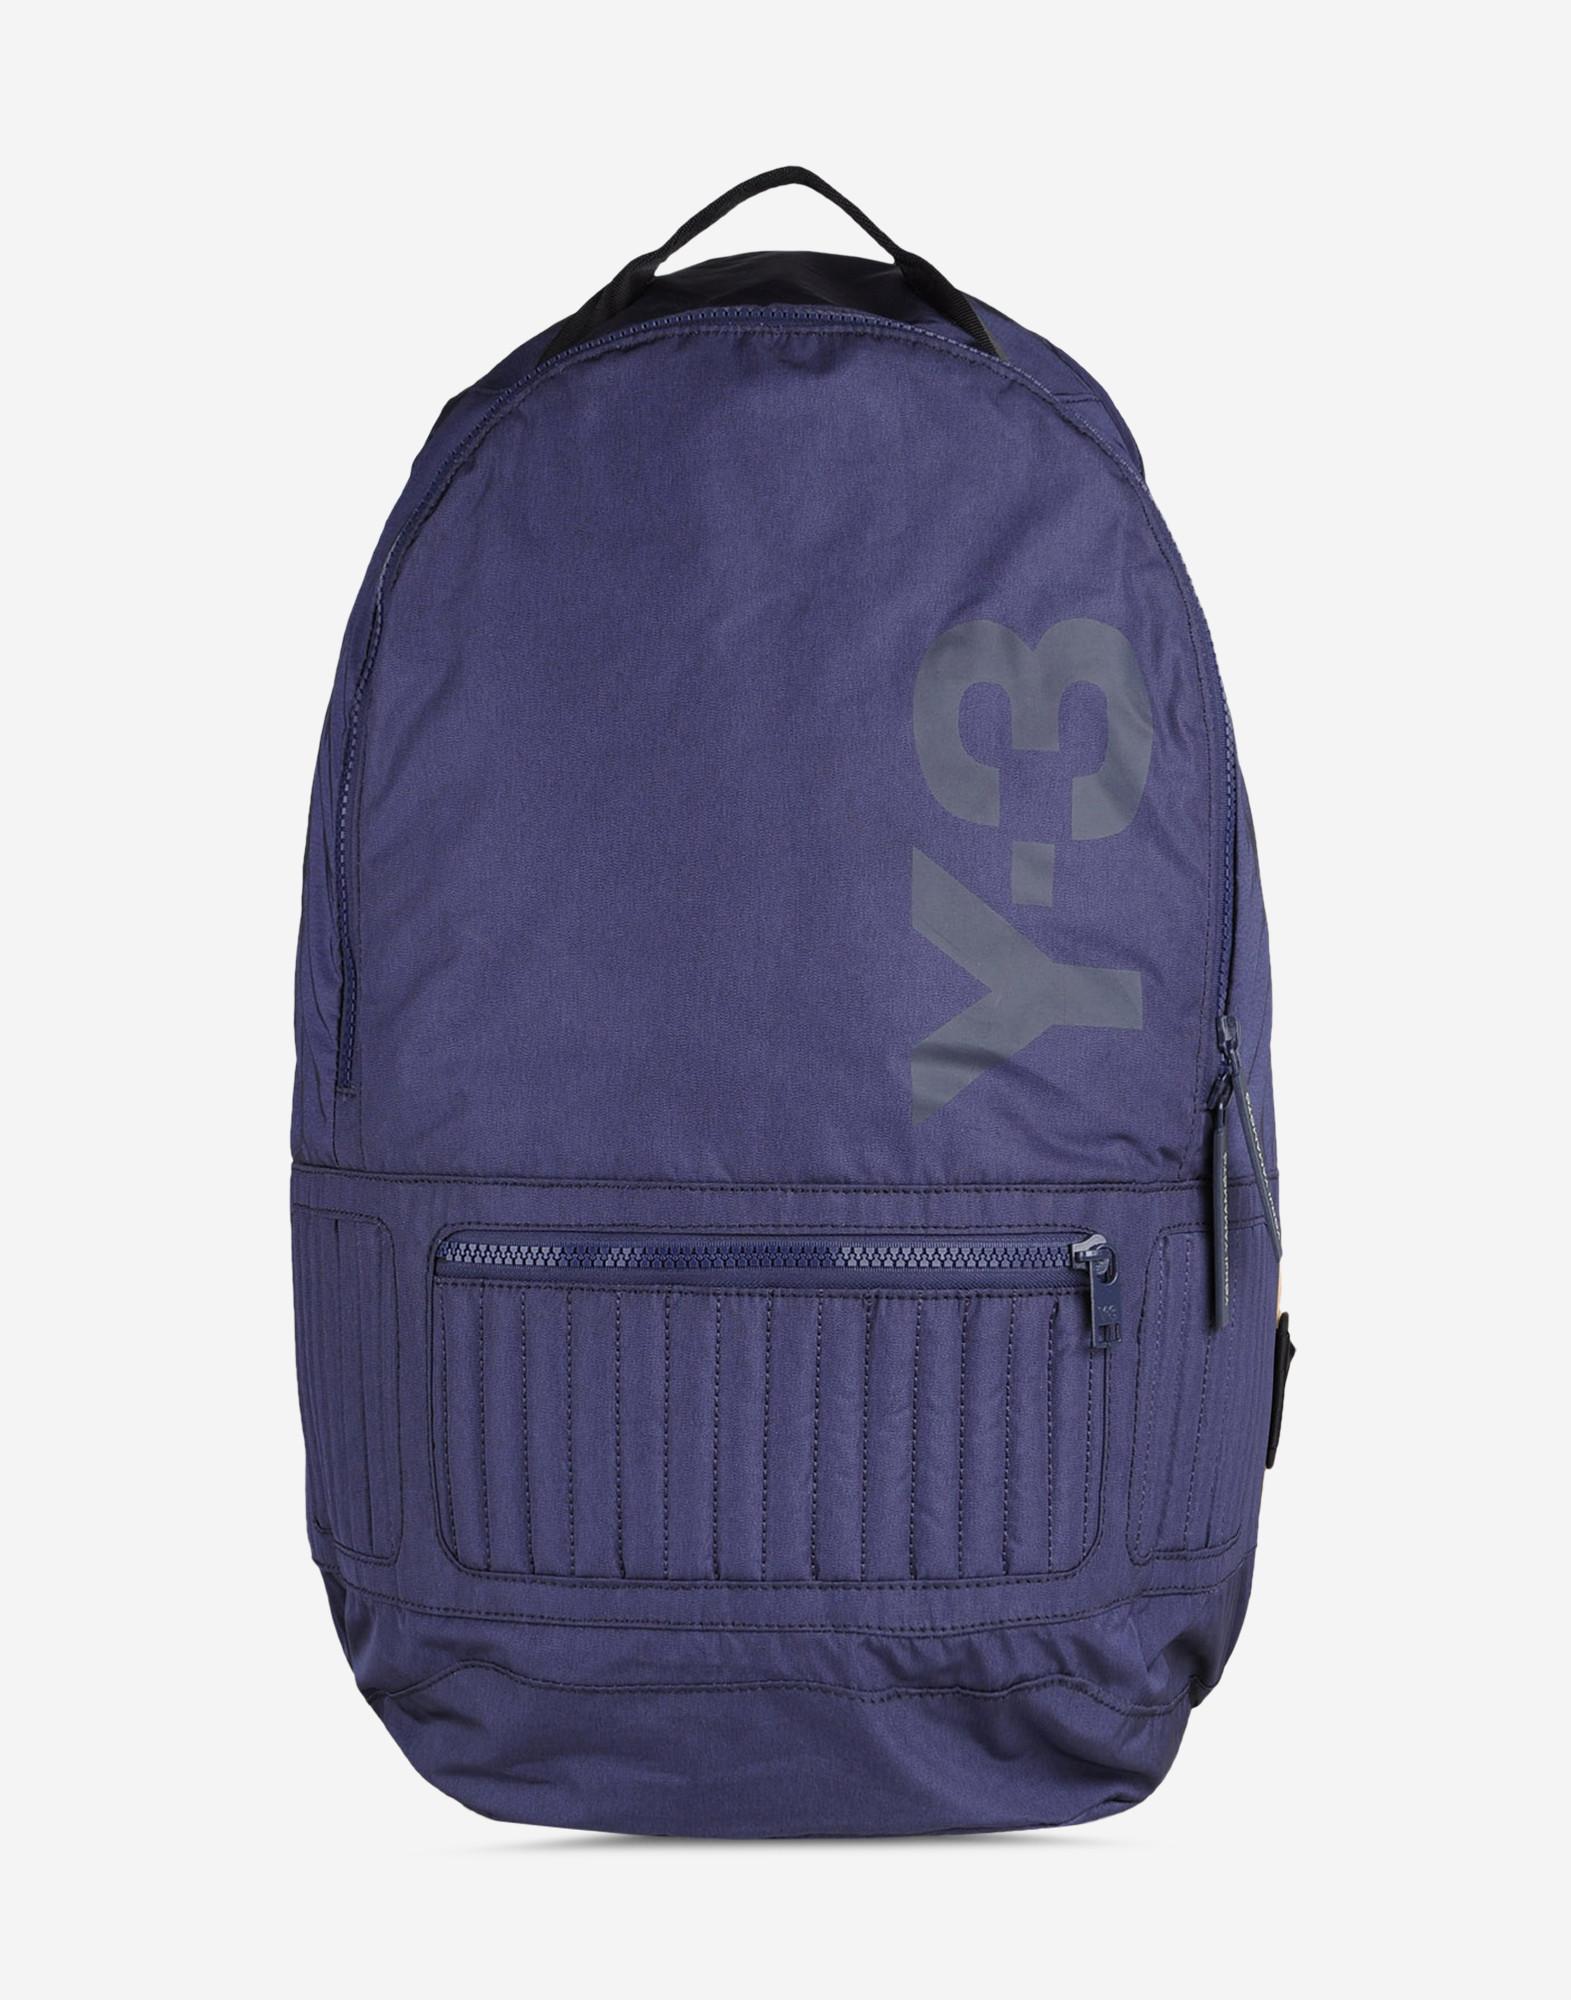 42246ba6d1 Purple Adidas Mesh Backpack- Fenix Toulouse Handball